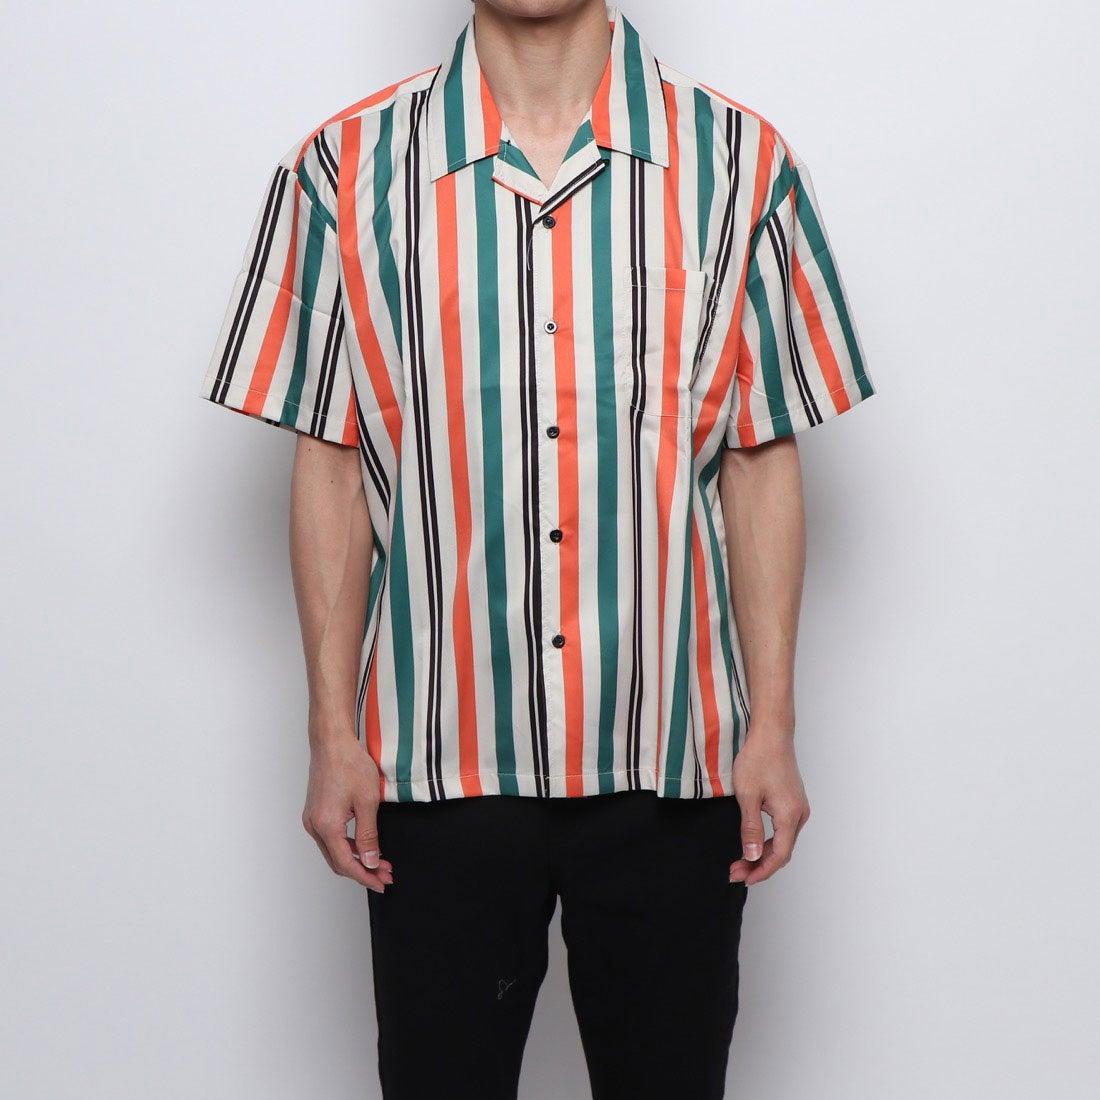 ロコンド 靴とファッションの通販サイトスタイルブロック STYLEBLOCK 総柄オープンカラーシャツ (グリーン)